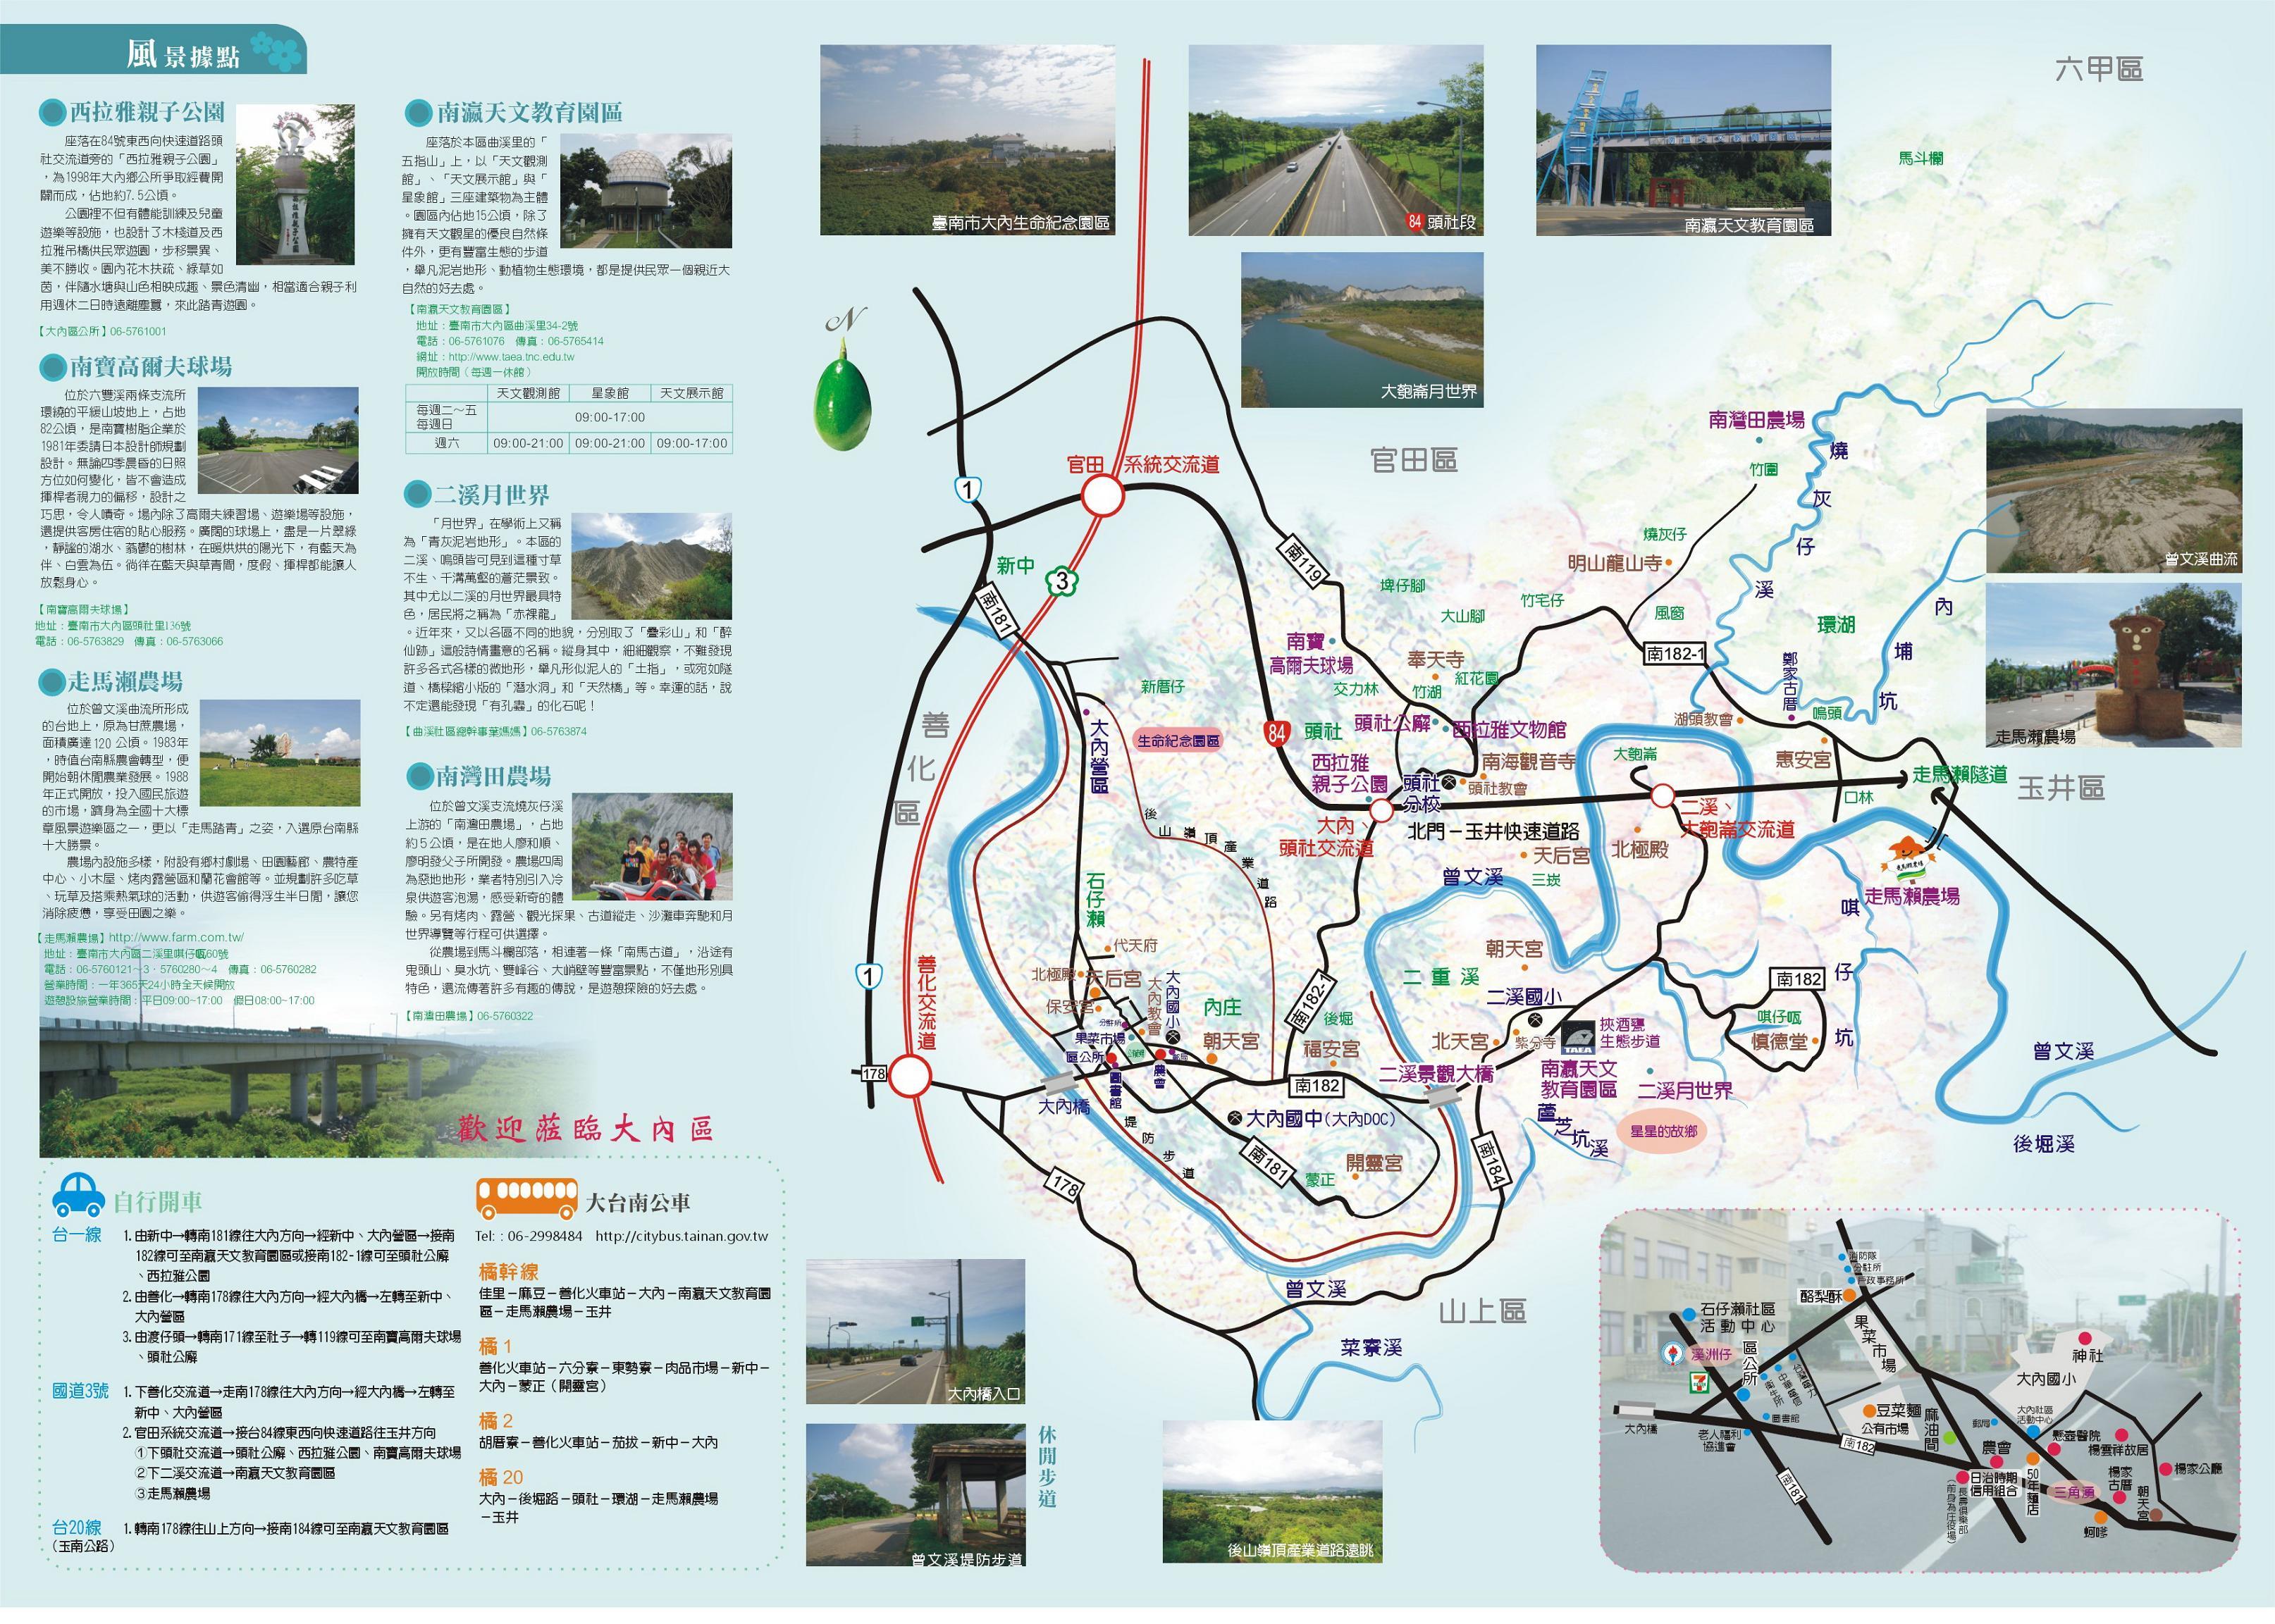 導覽圖背面介紹有本區之風景據點、交通路線圖及如何自行開車或搭乘大台南公車至本區